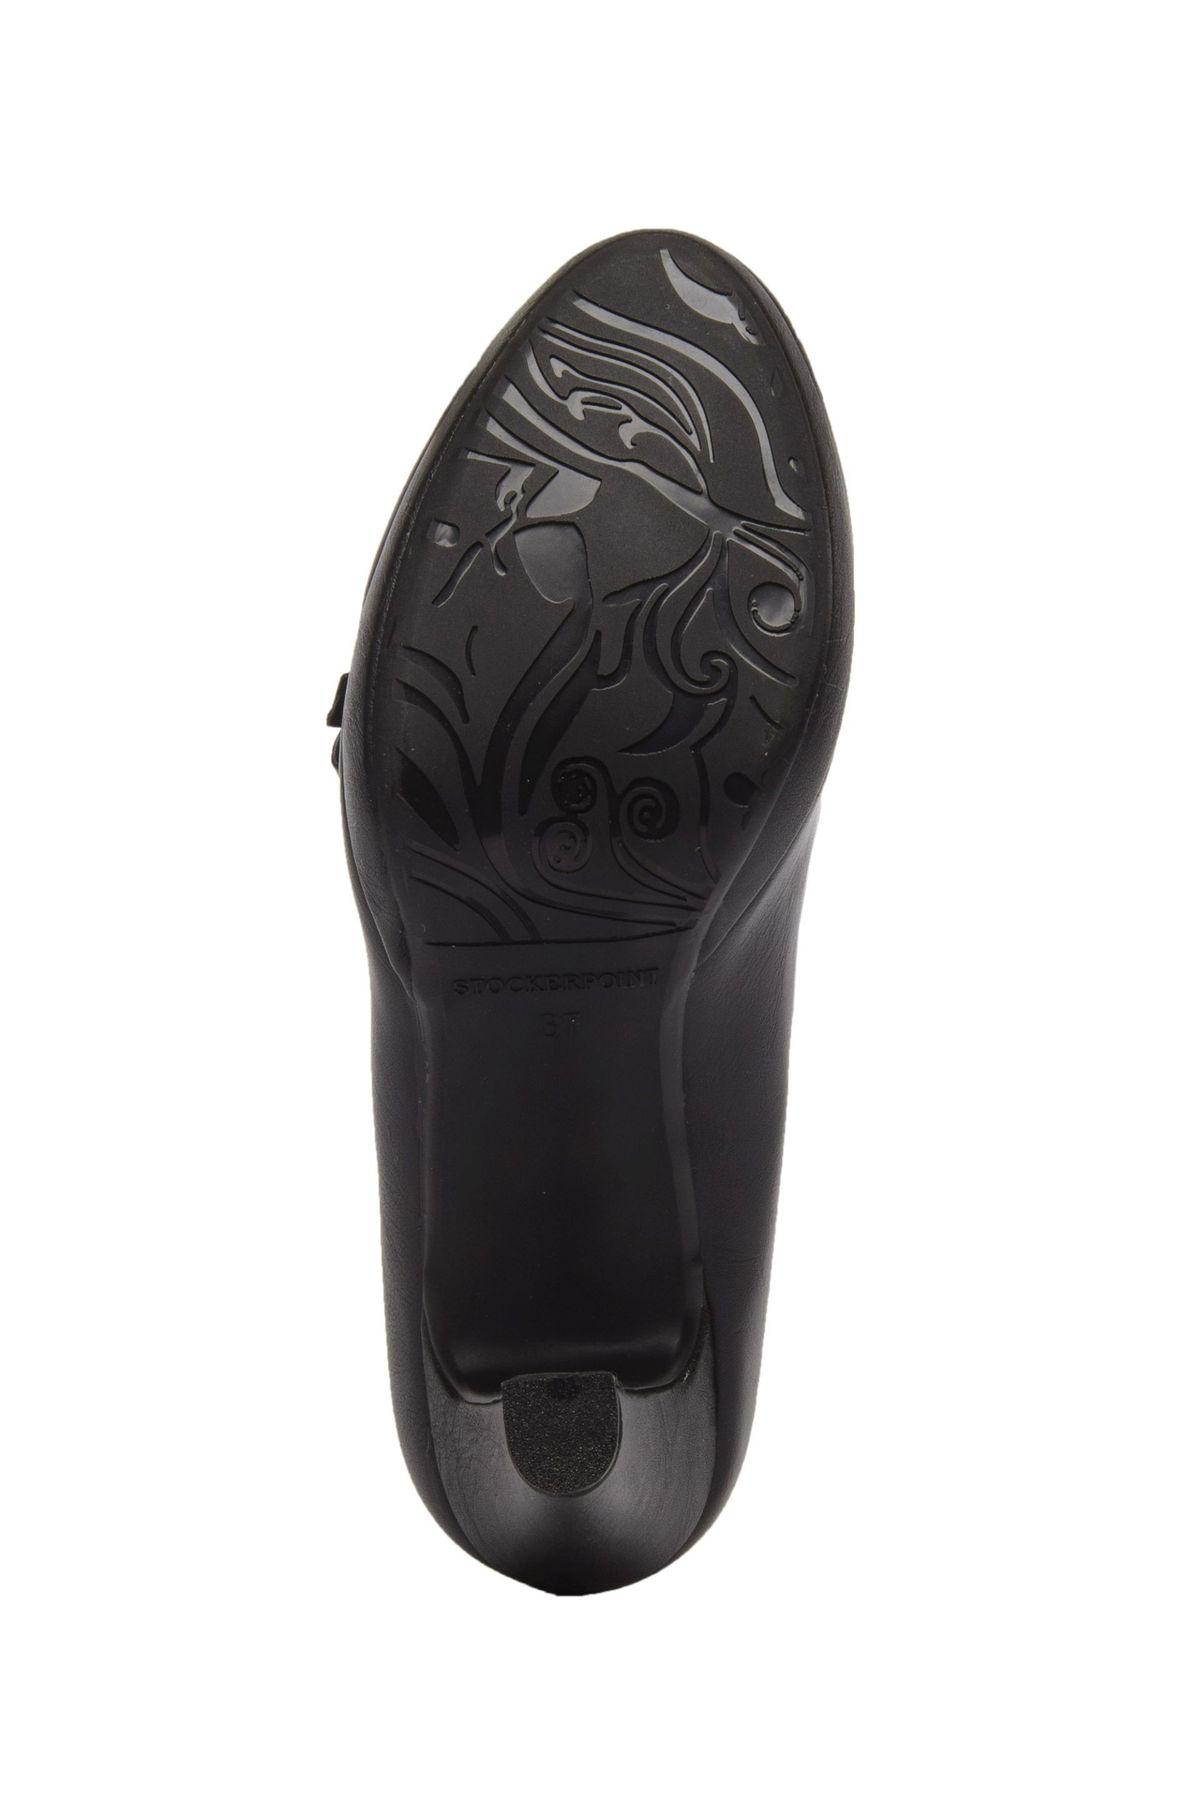 STOCKERPOINT - Damen Trachten Schuhe in Schwarz, 6070 – Bild 6